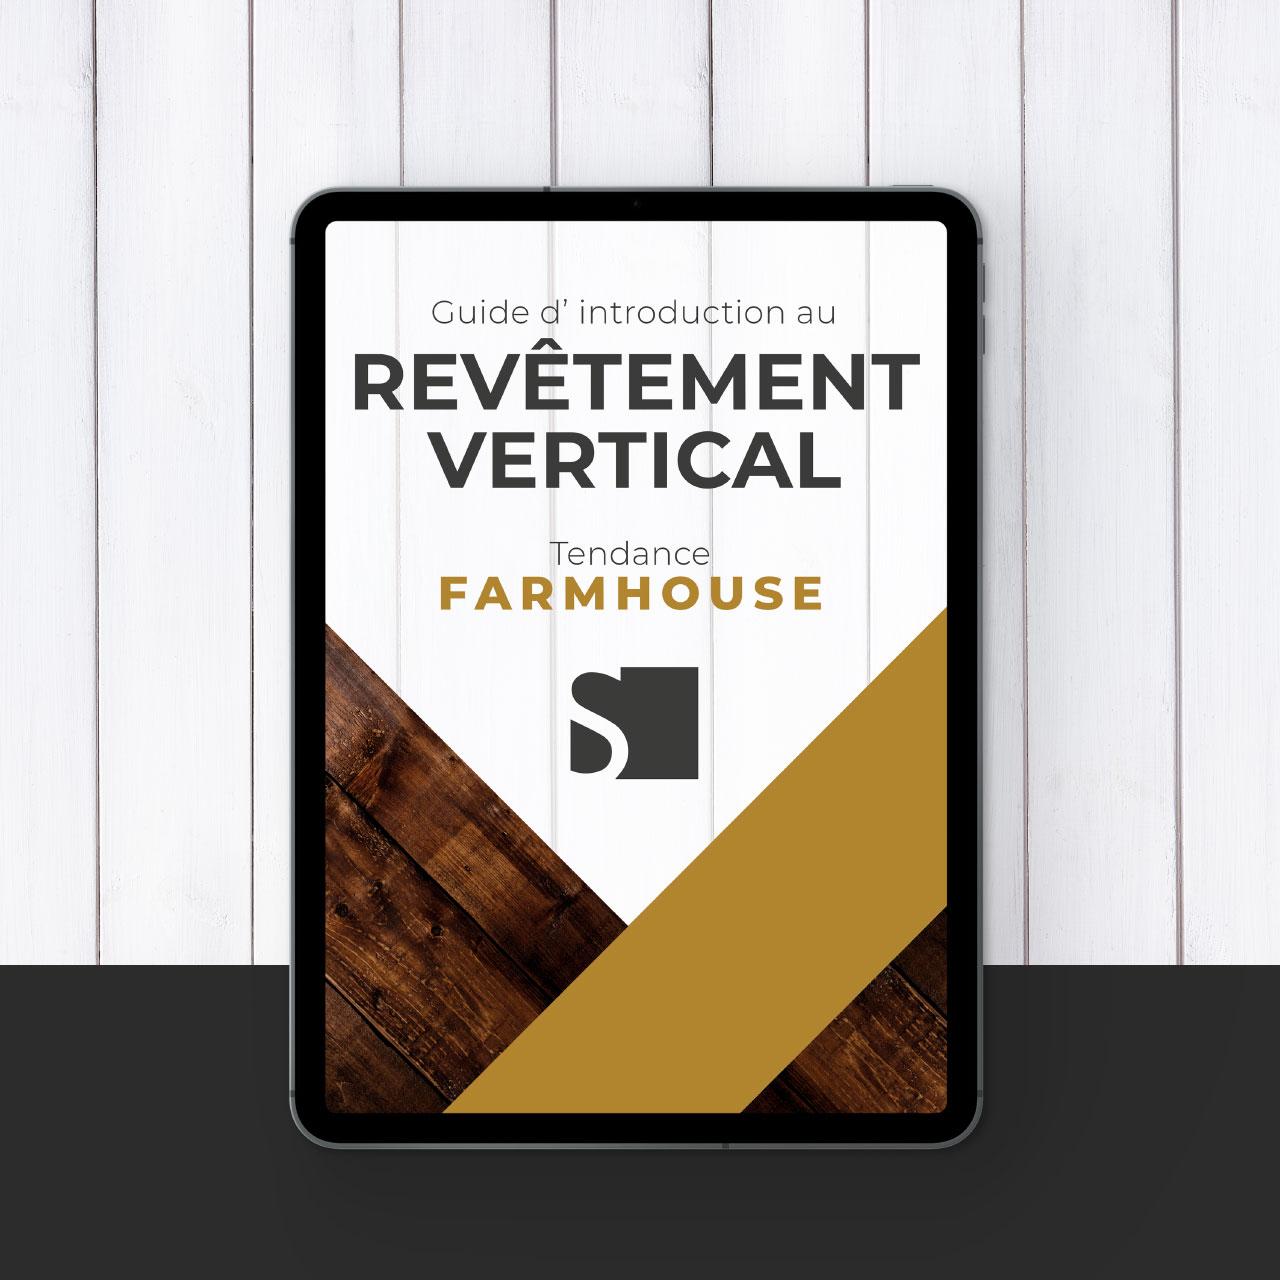 Guide pratique introduction au revetement vertical pour maison Farmhouse blanche Canexel prix